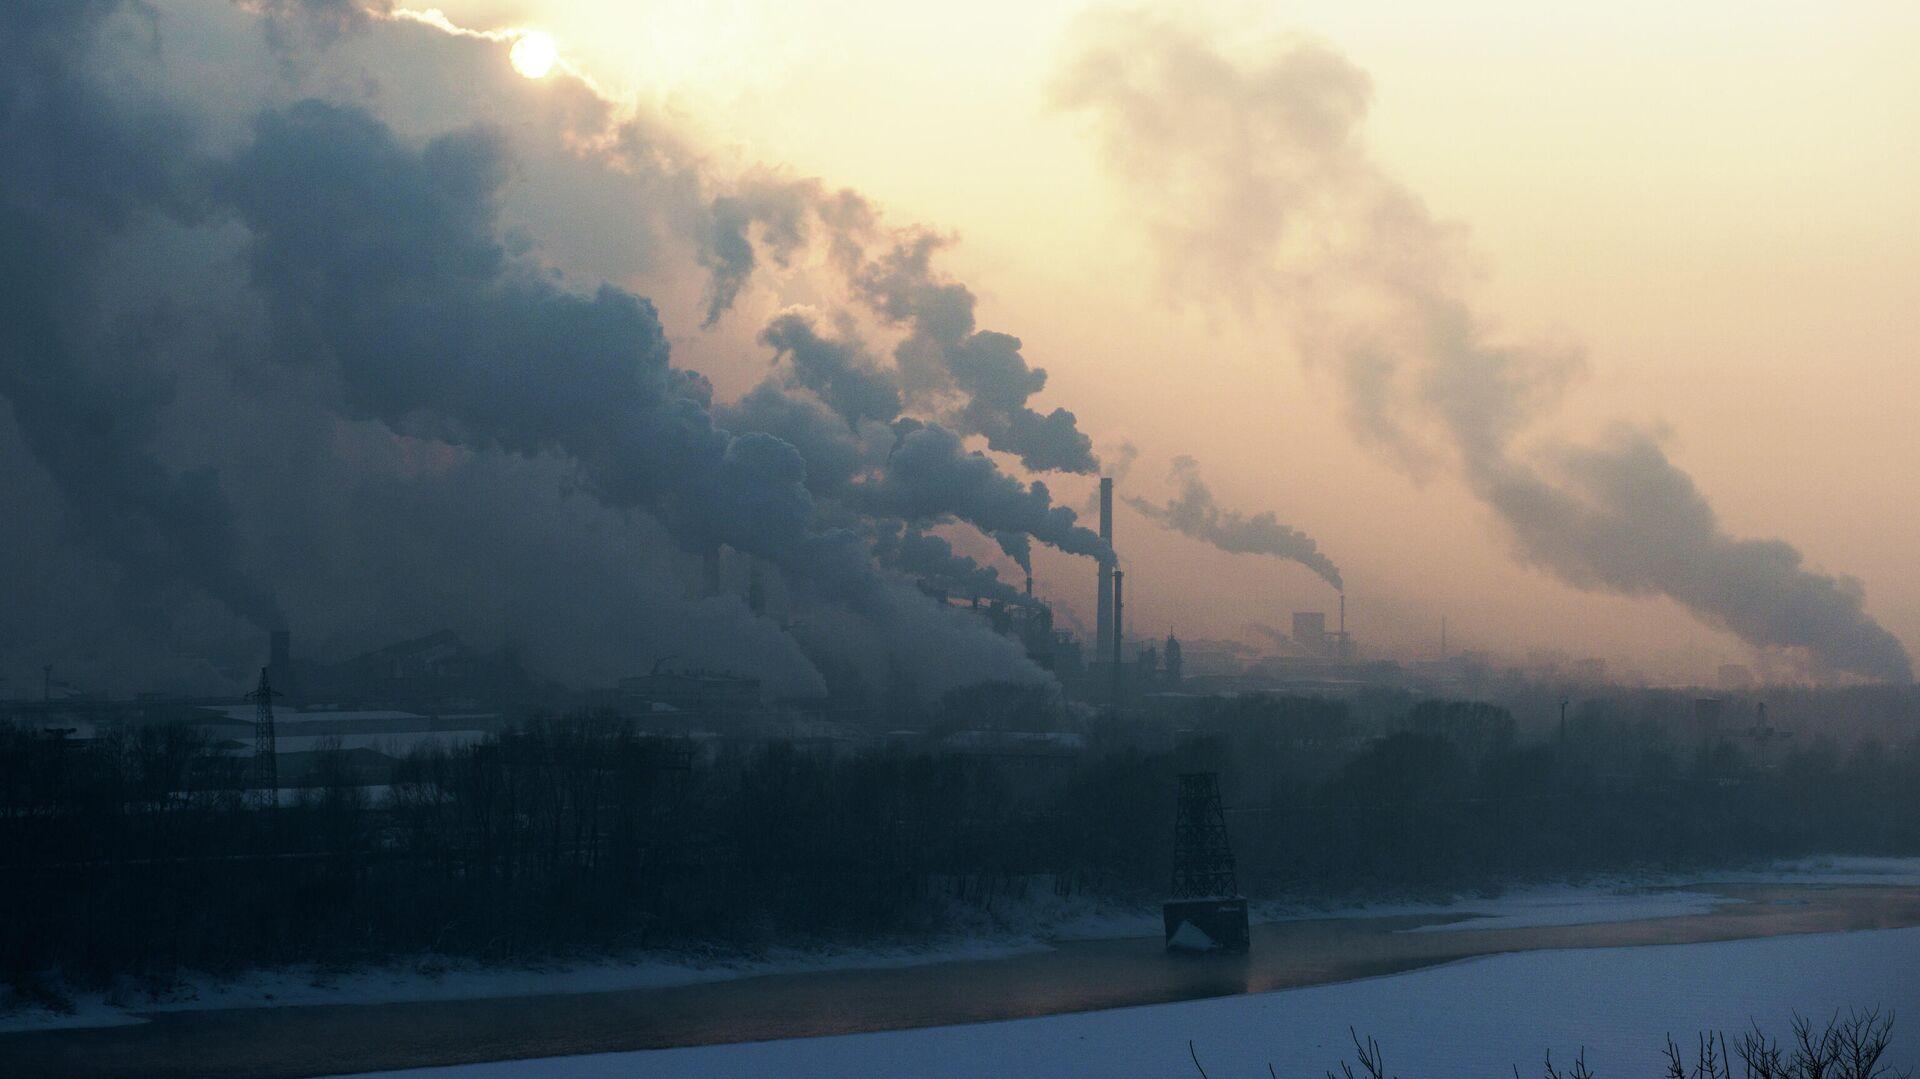 Трубы коксохимического завода ПАО Кокс на левом берегу реки Томь в городе Кемерово - РИА Новости, 1920, 05.03.2021